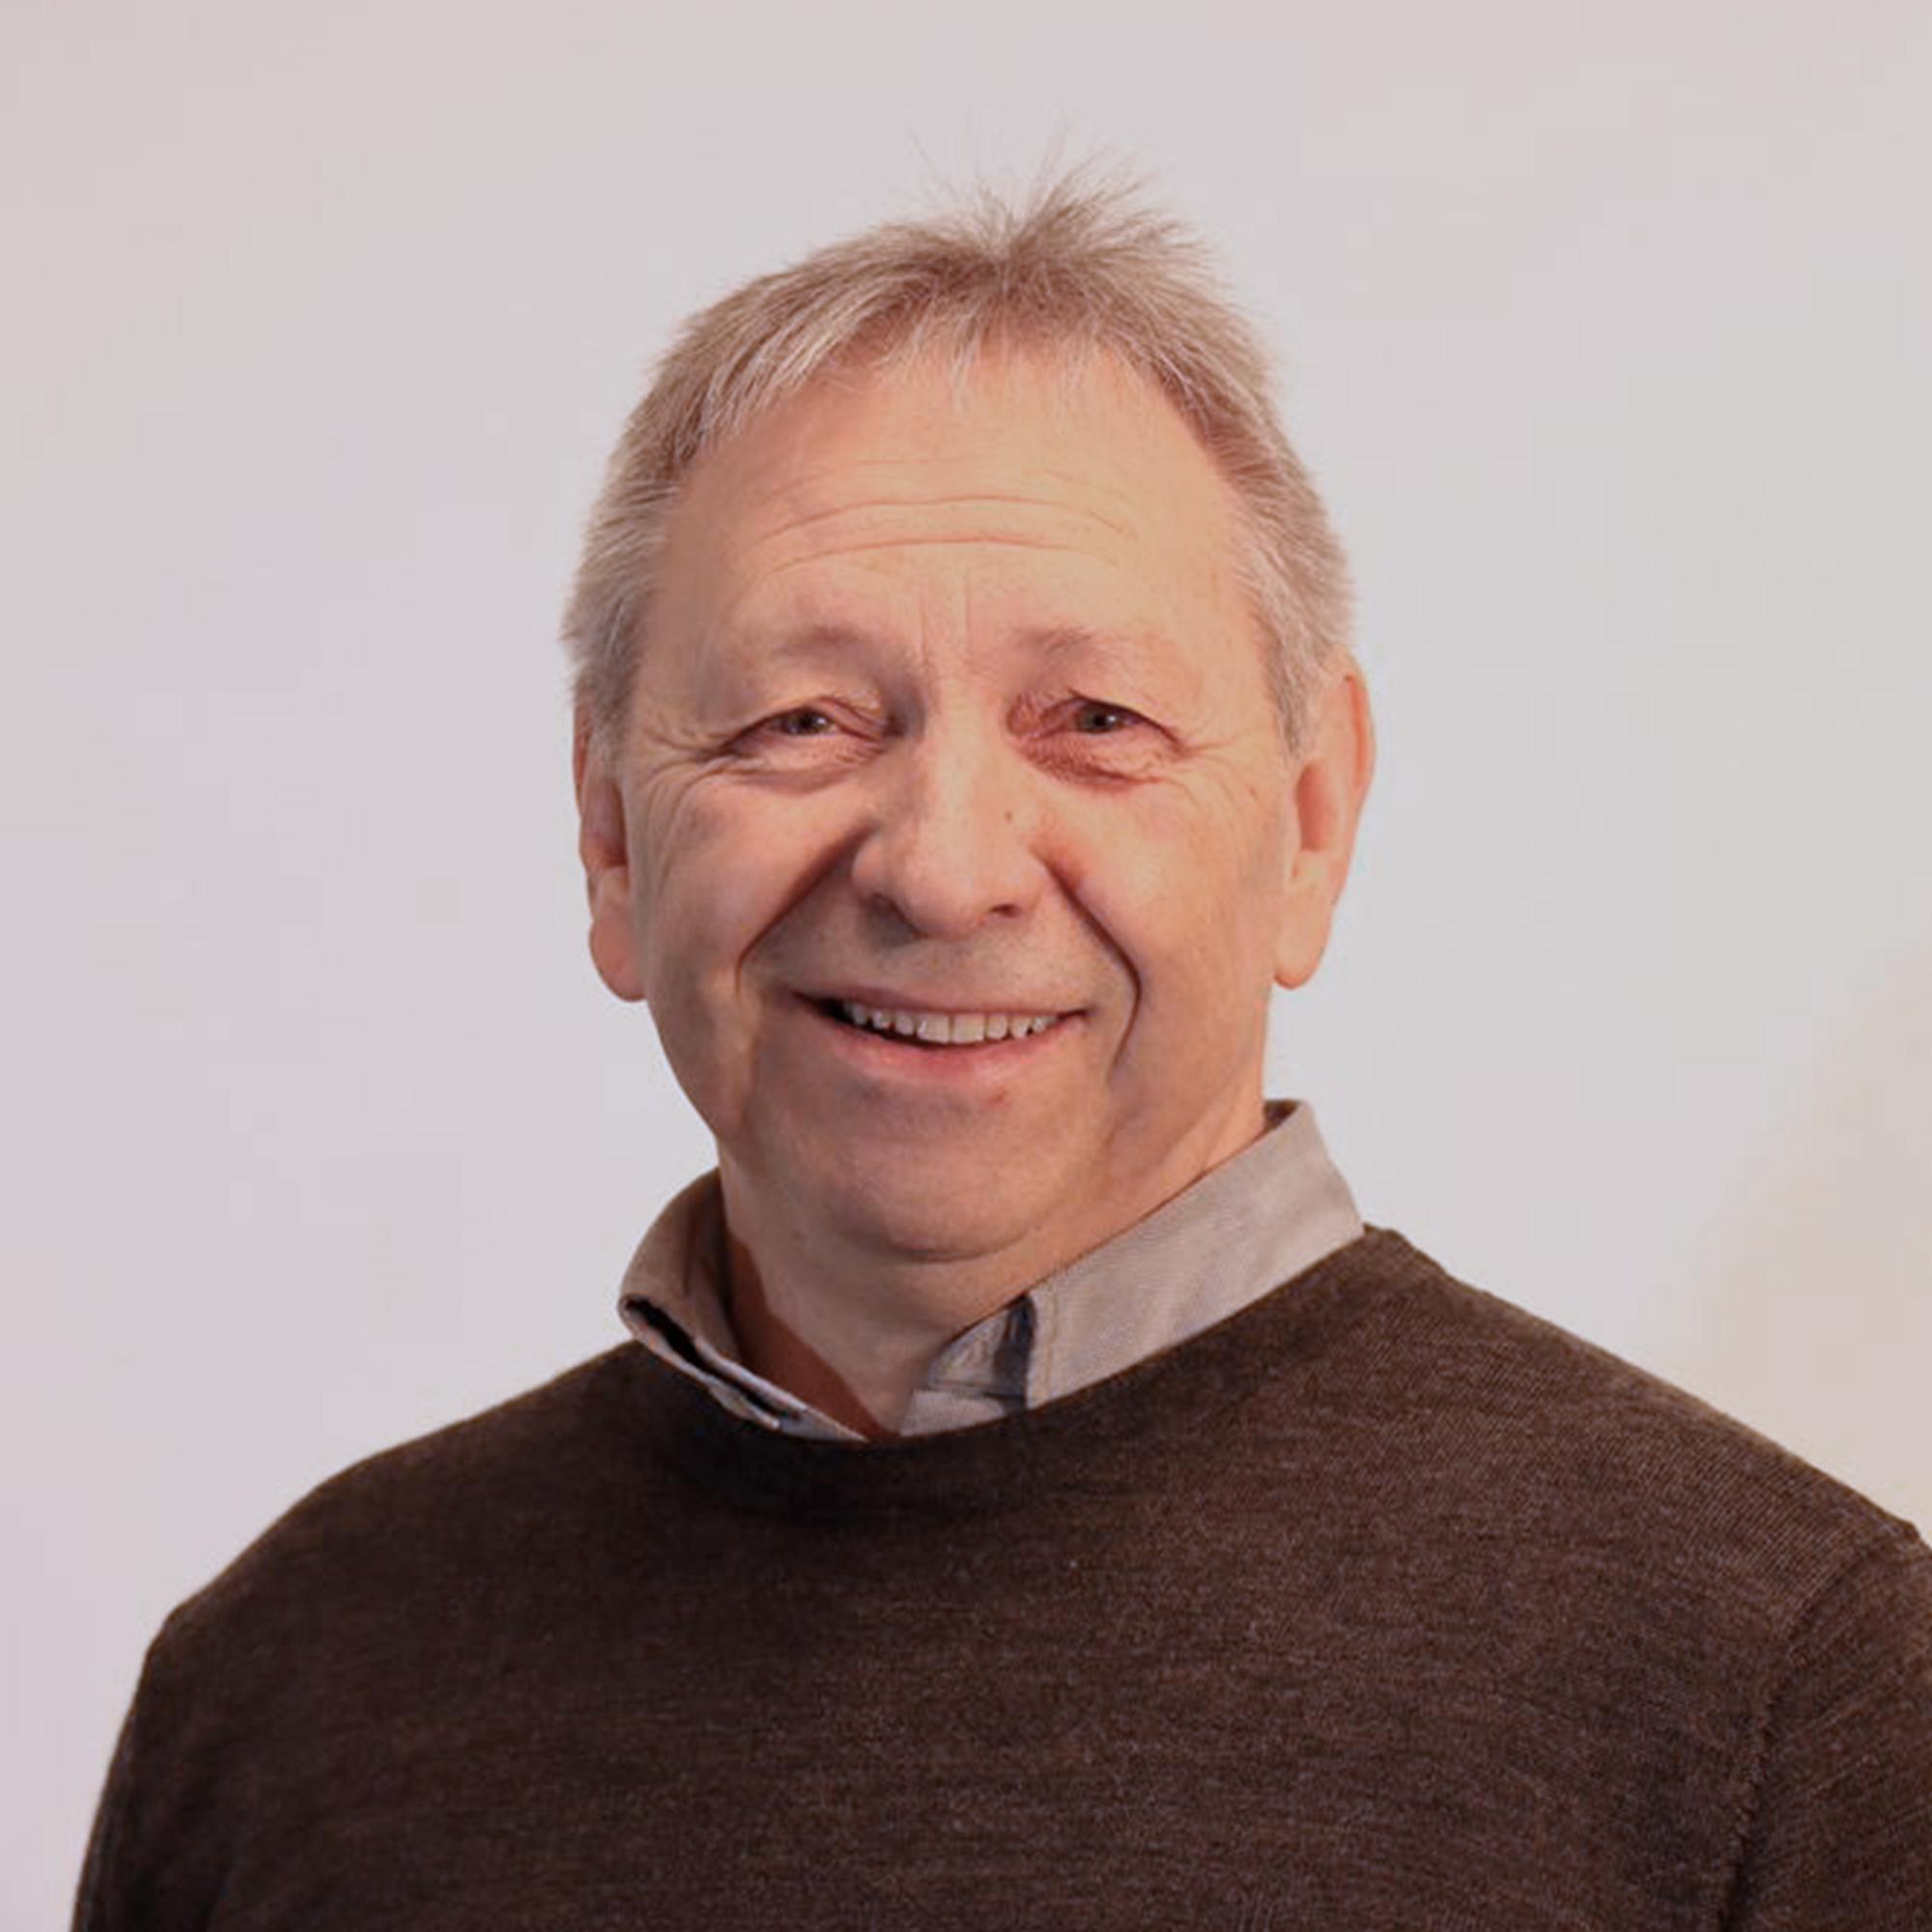 Hardy Pedersen